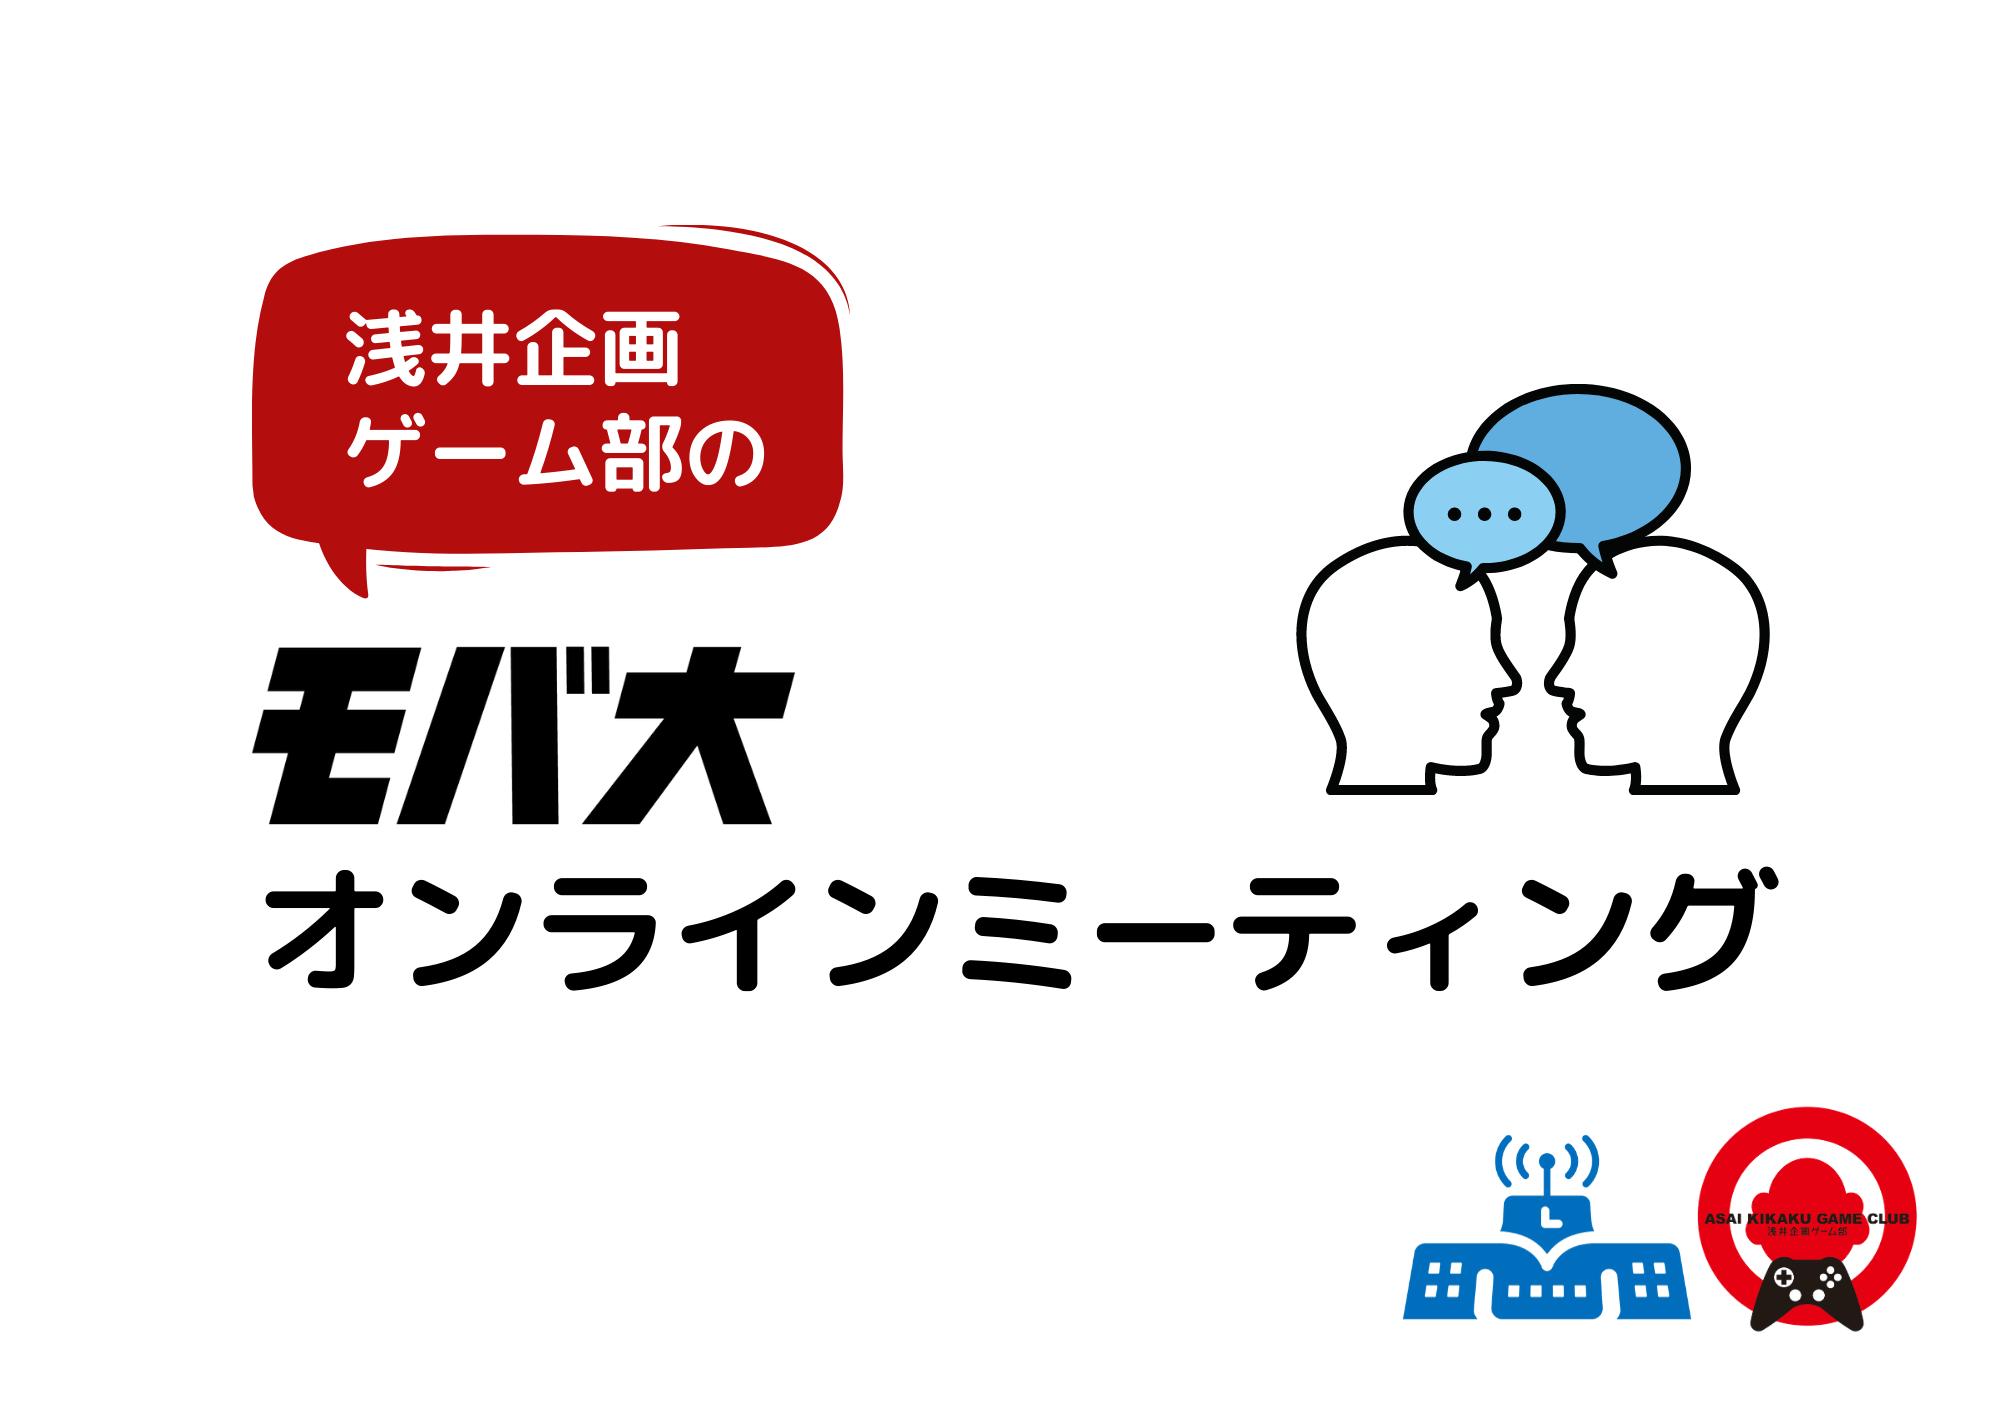 「浅井企画ゲーム部のモバ大オンラインミーティング」動画をモバイル総合大学校YouTubeチャンネルにて公開